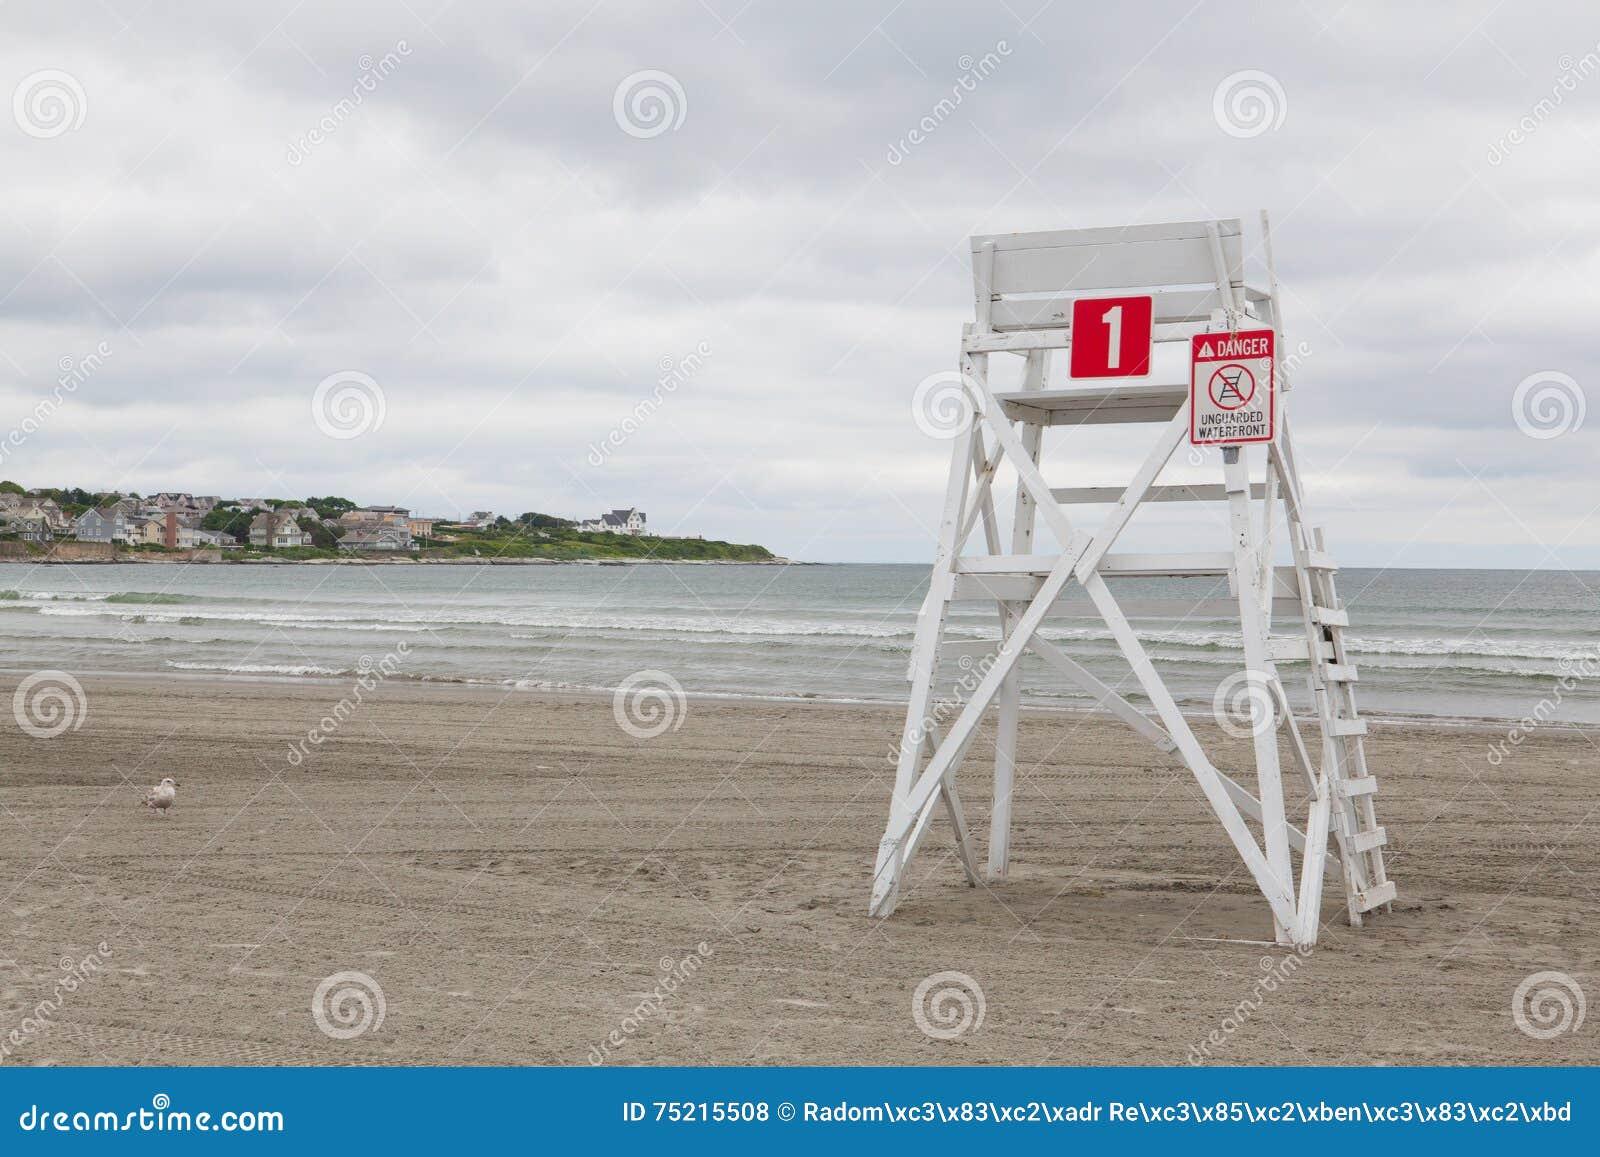 Wachturm auf dem leeren Strand in Middletown, Rhode Island, USA